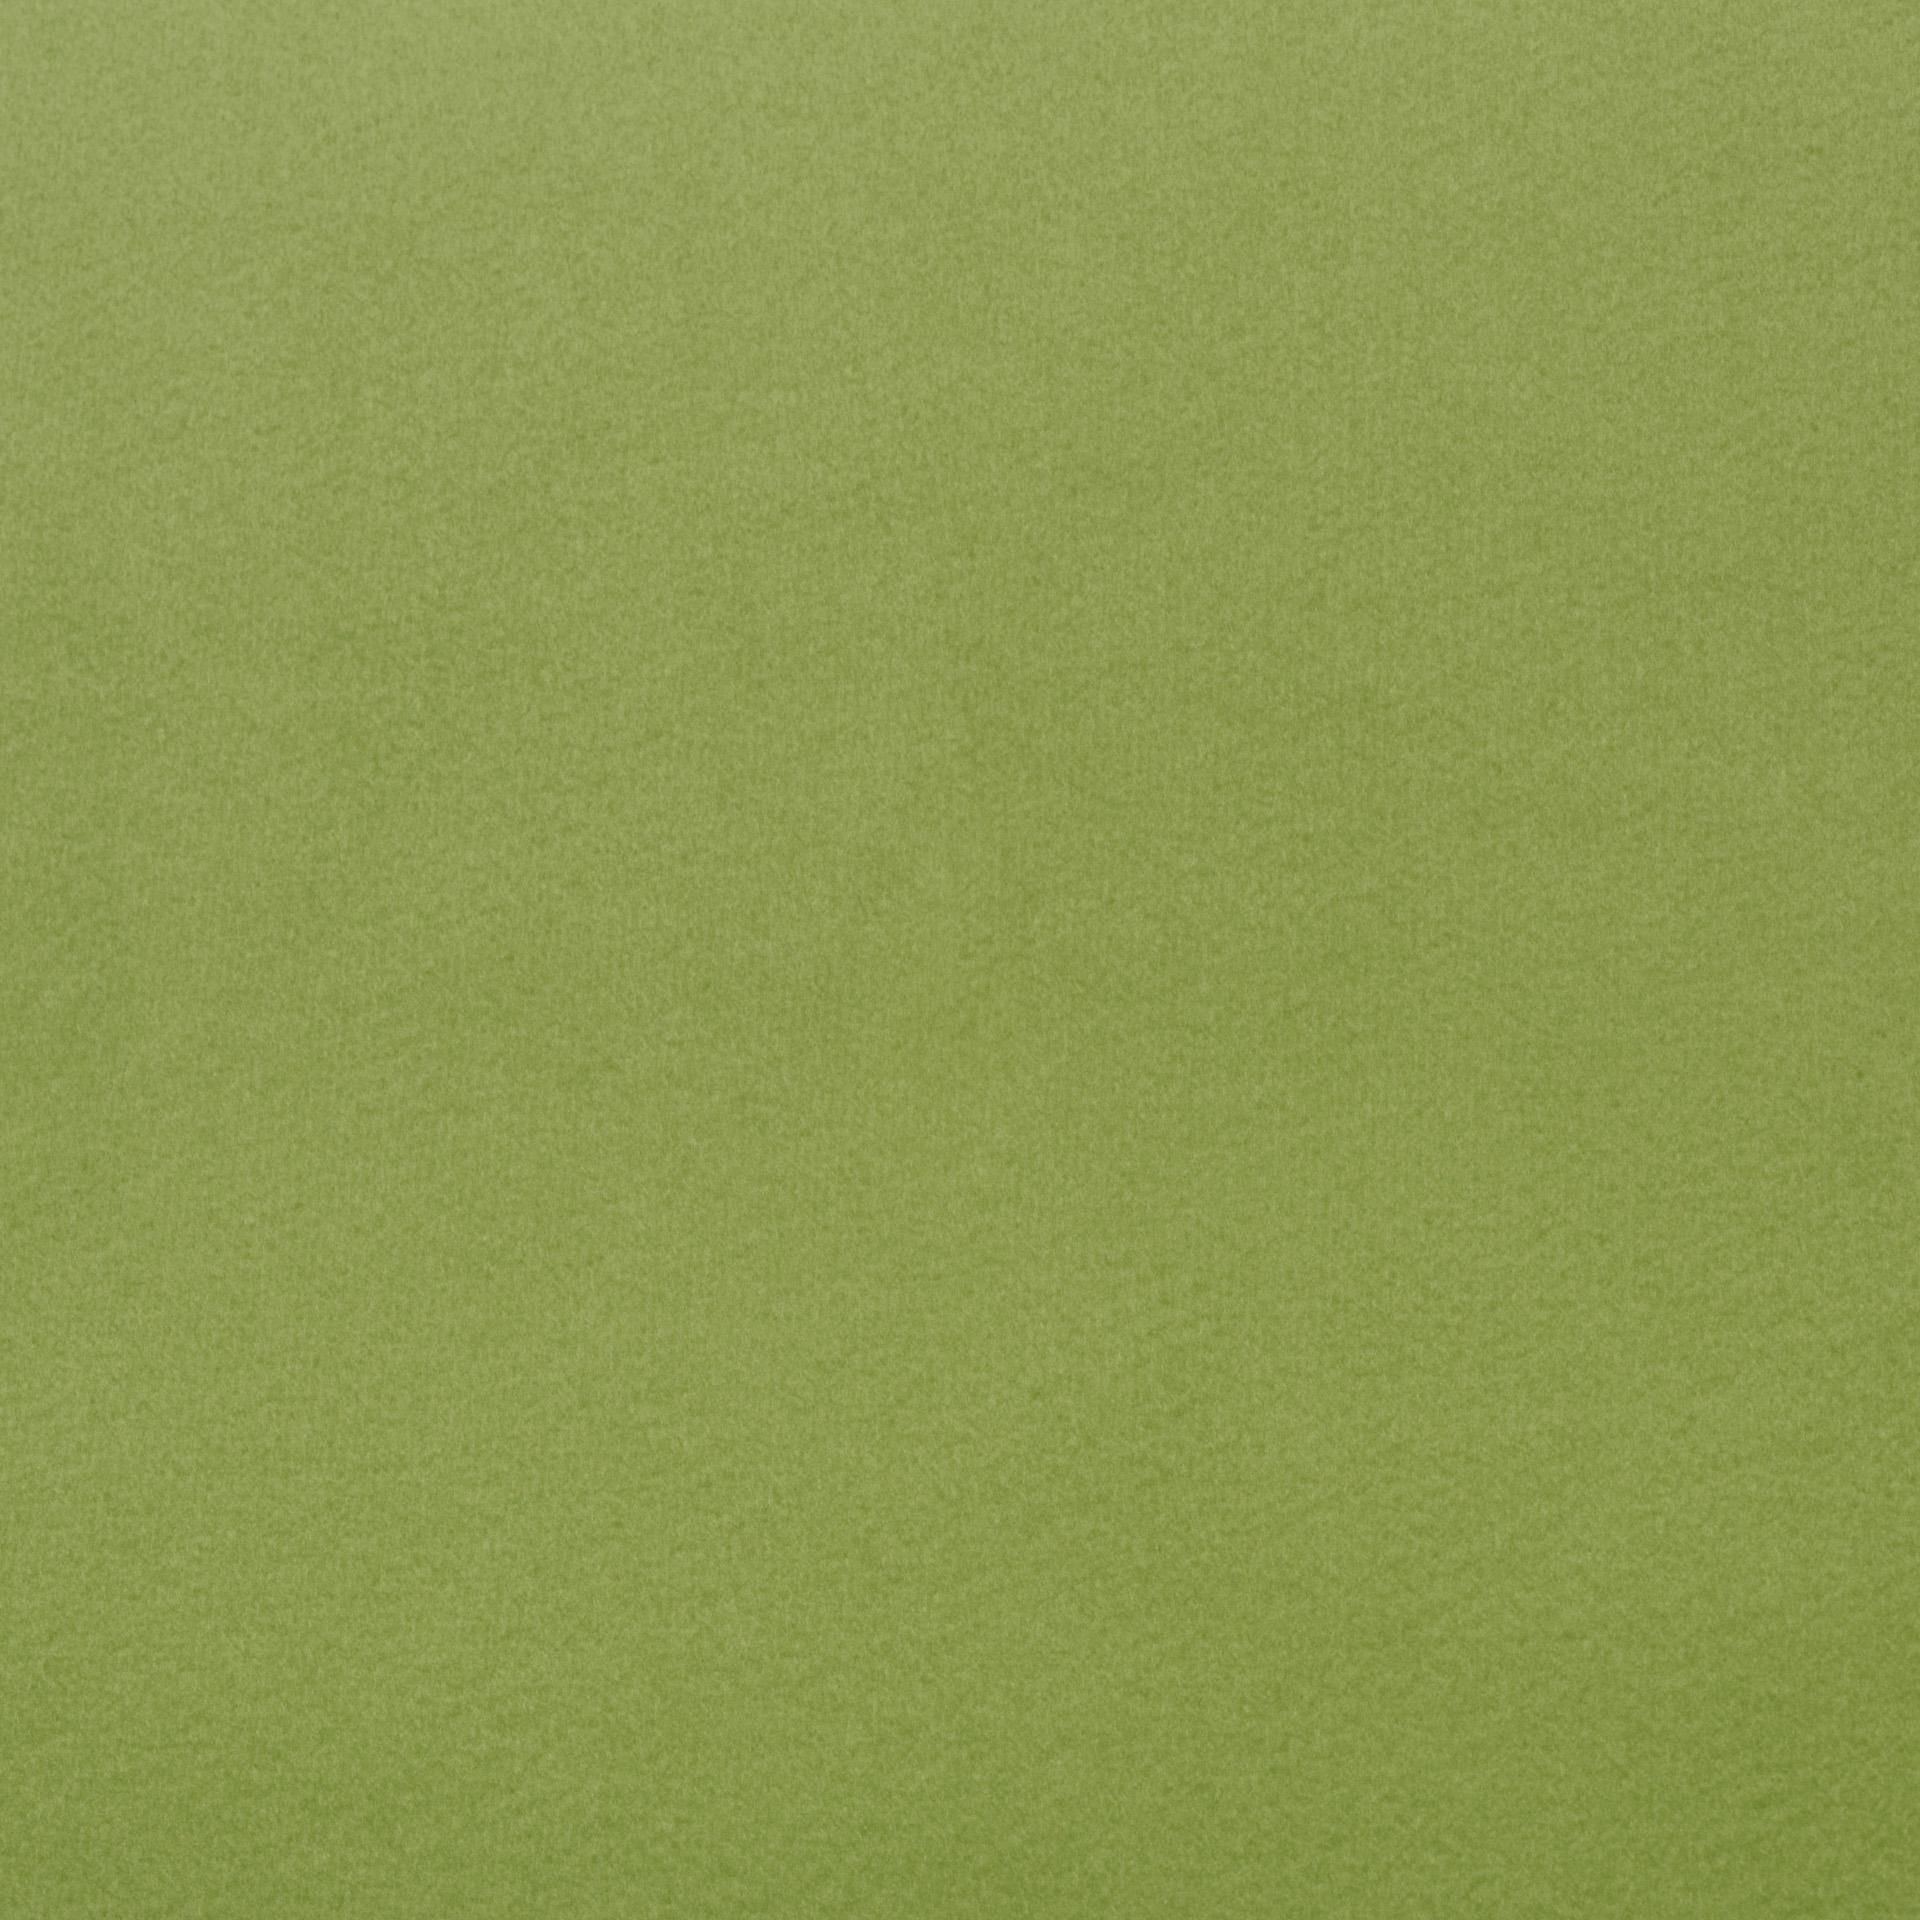 Коллекция ткани Багира 26 SPRING GREEN,  купить ткань Велюр для мебели Украина